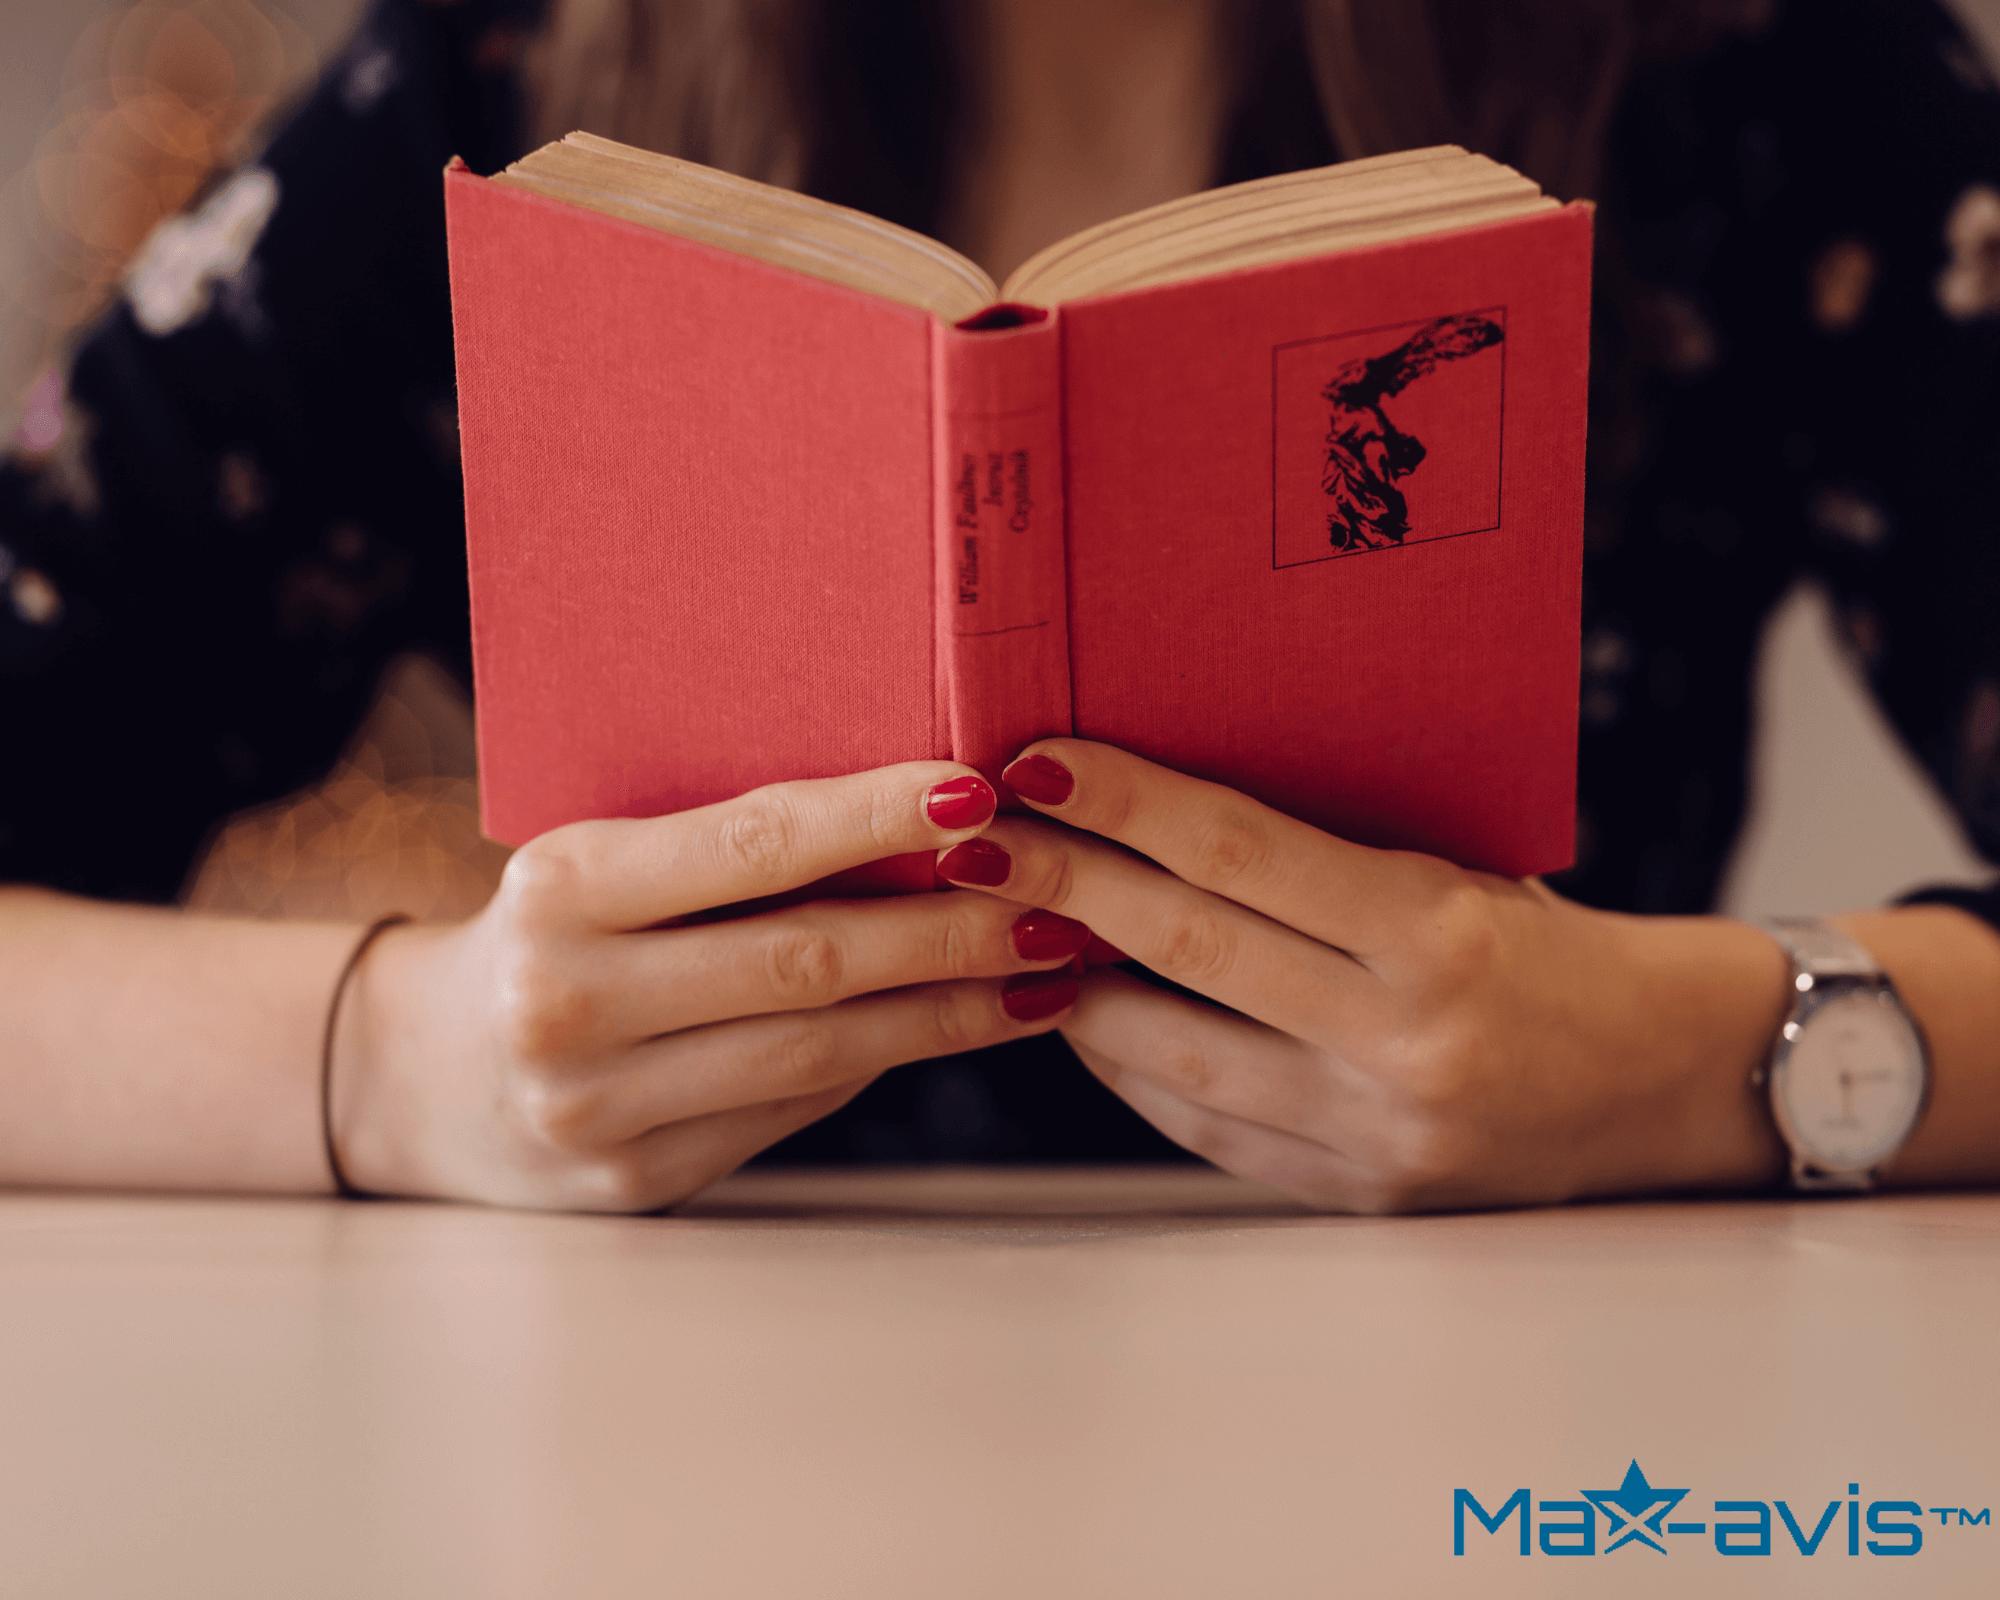 Comment gagner de l'argent en lisant des livres ? Autres services à proposer lorsque vous voulez gagner de l'argent en lisant des livres